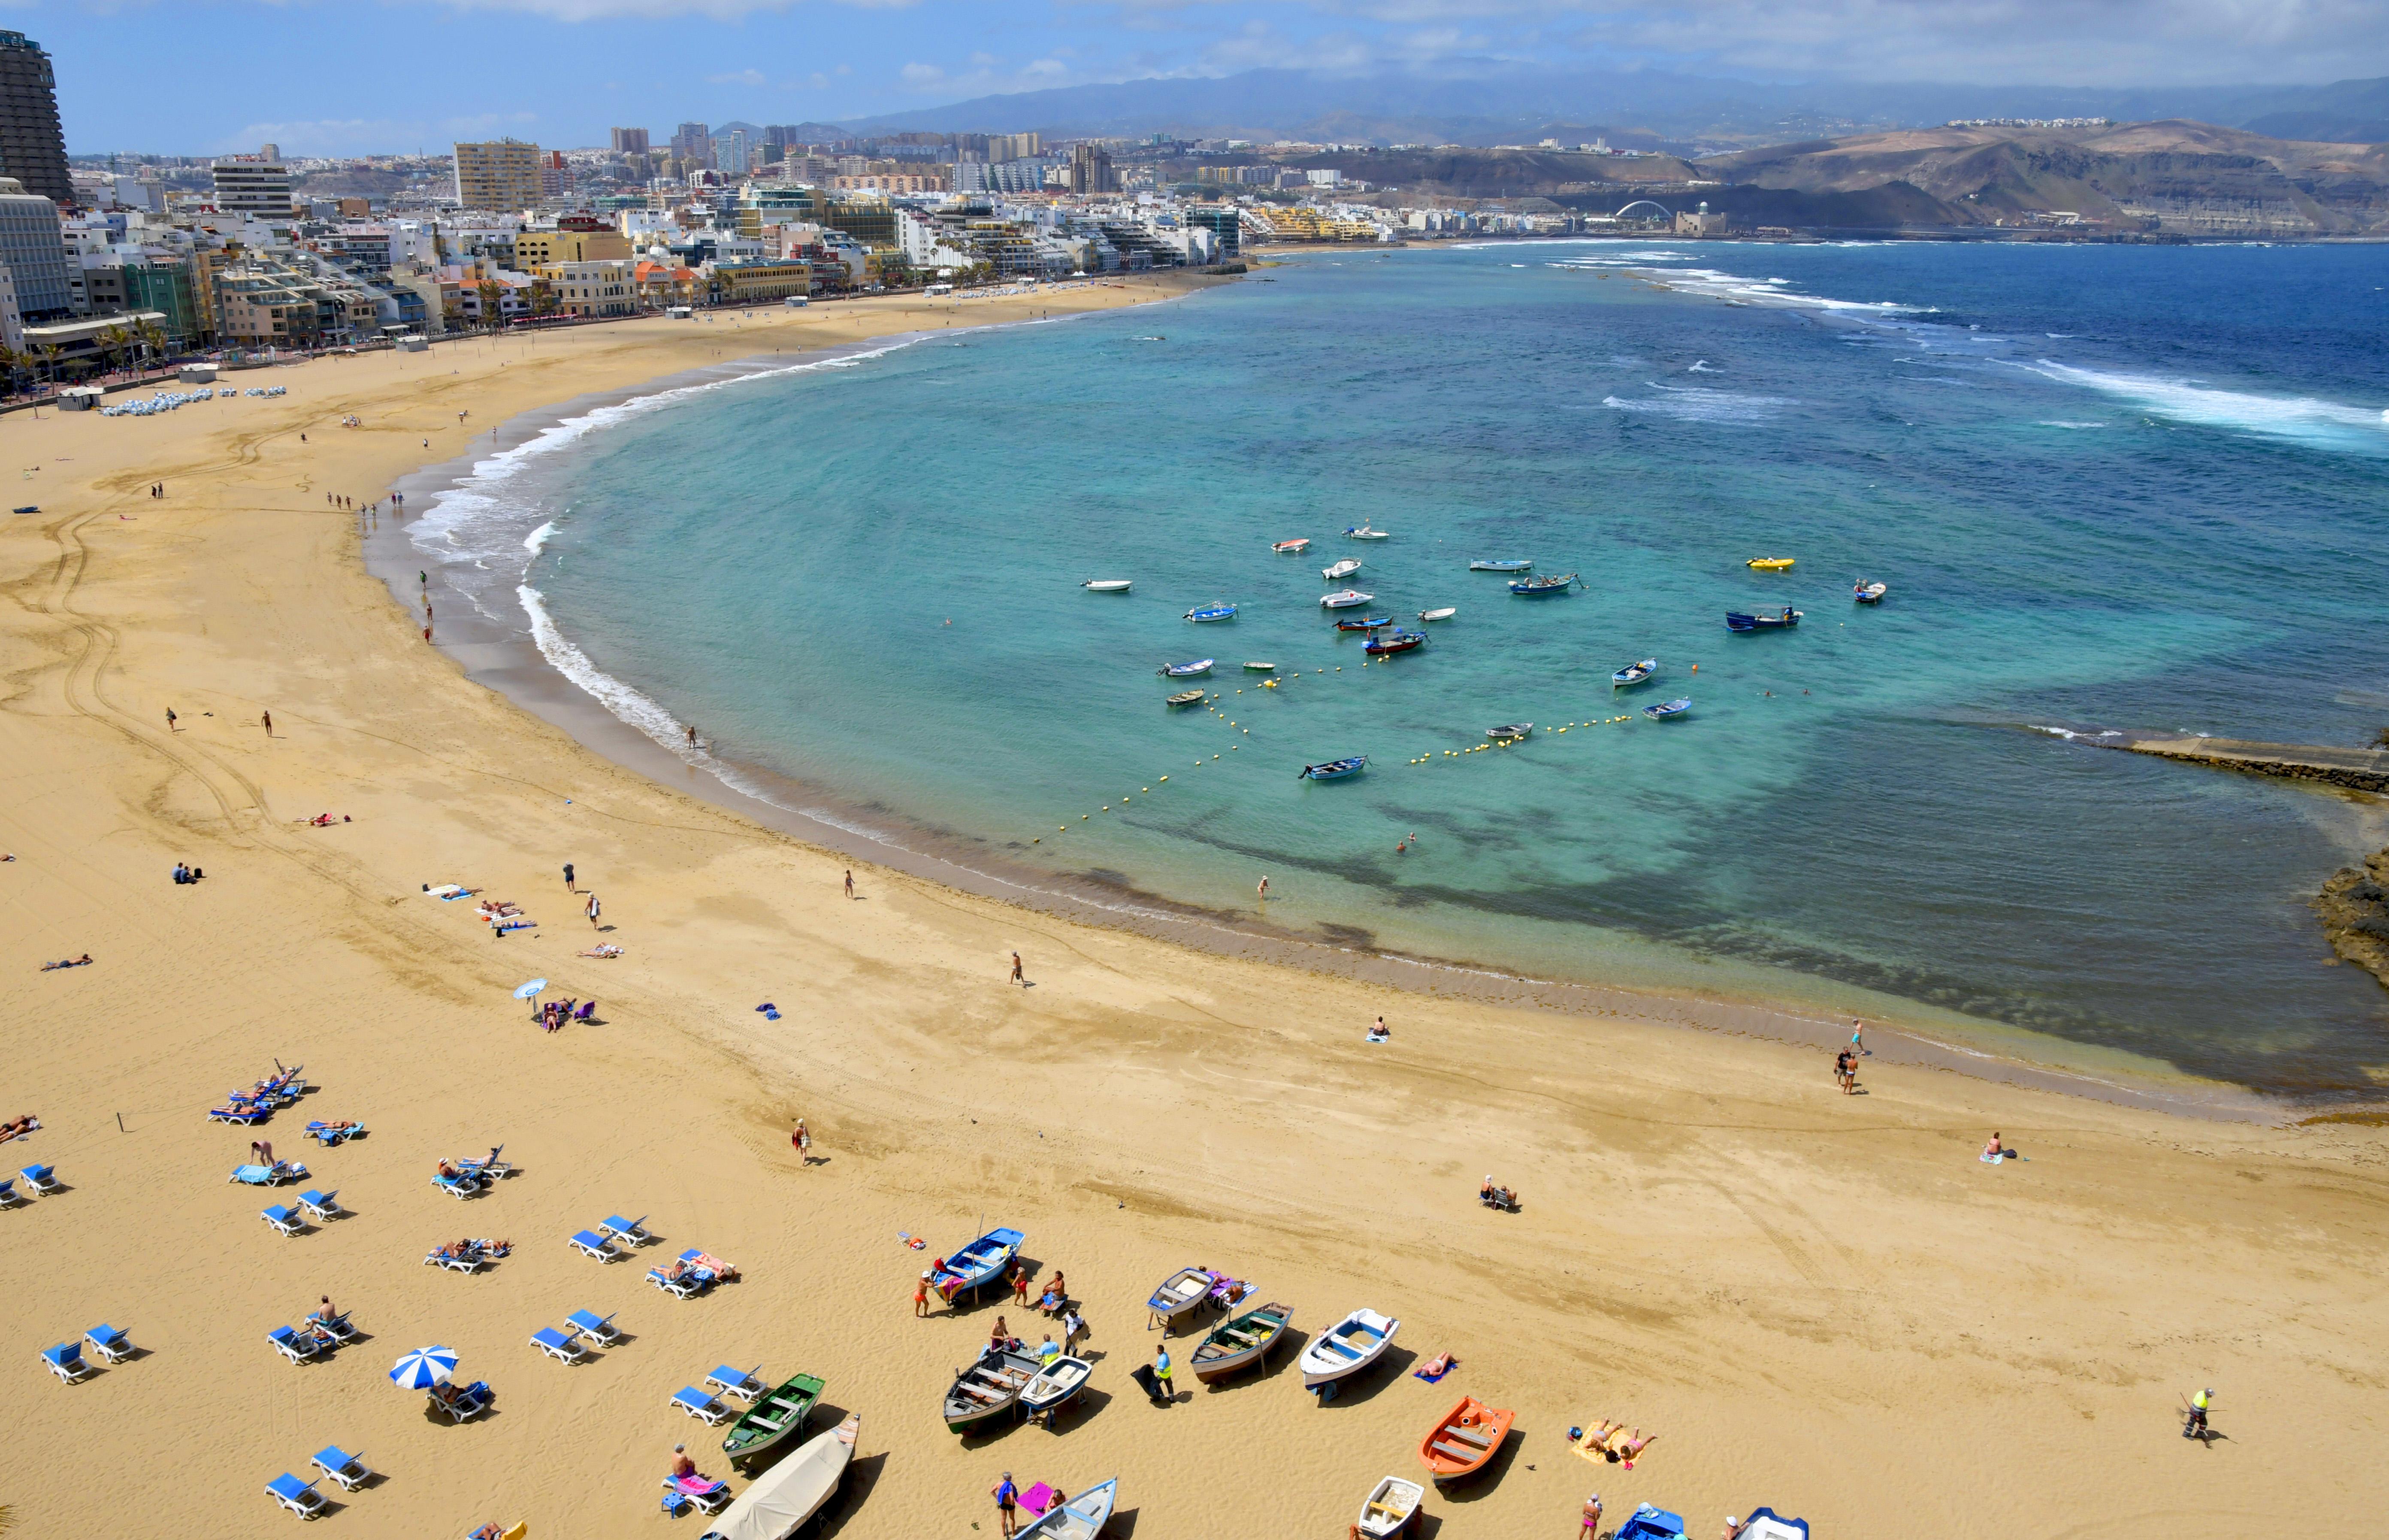 1. Playa de Las Canteras